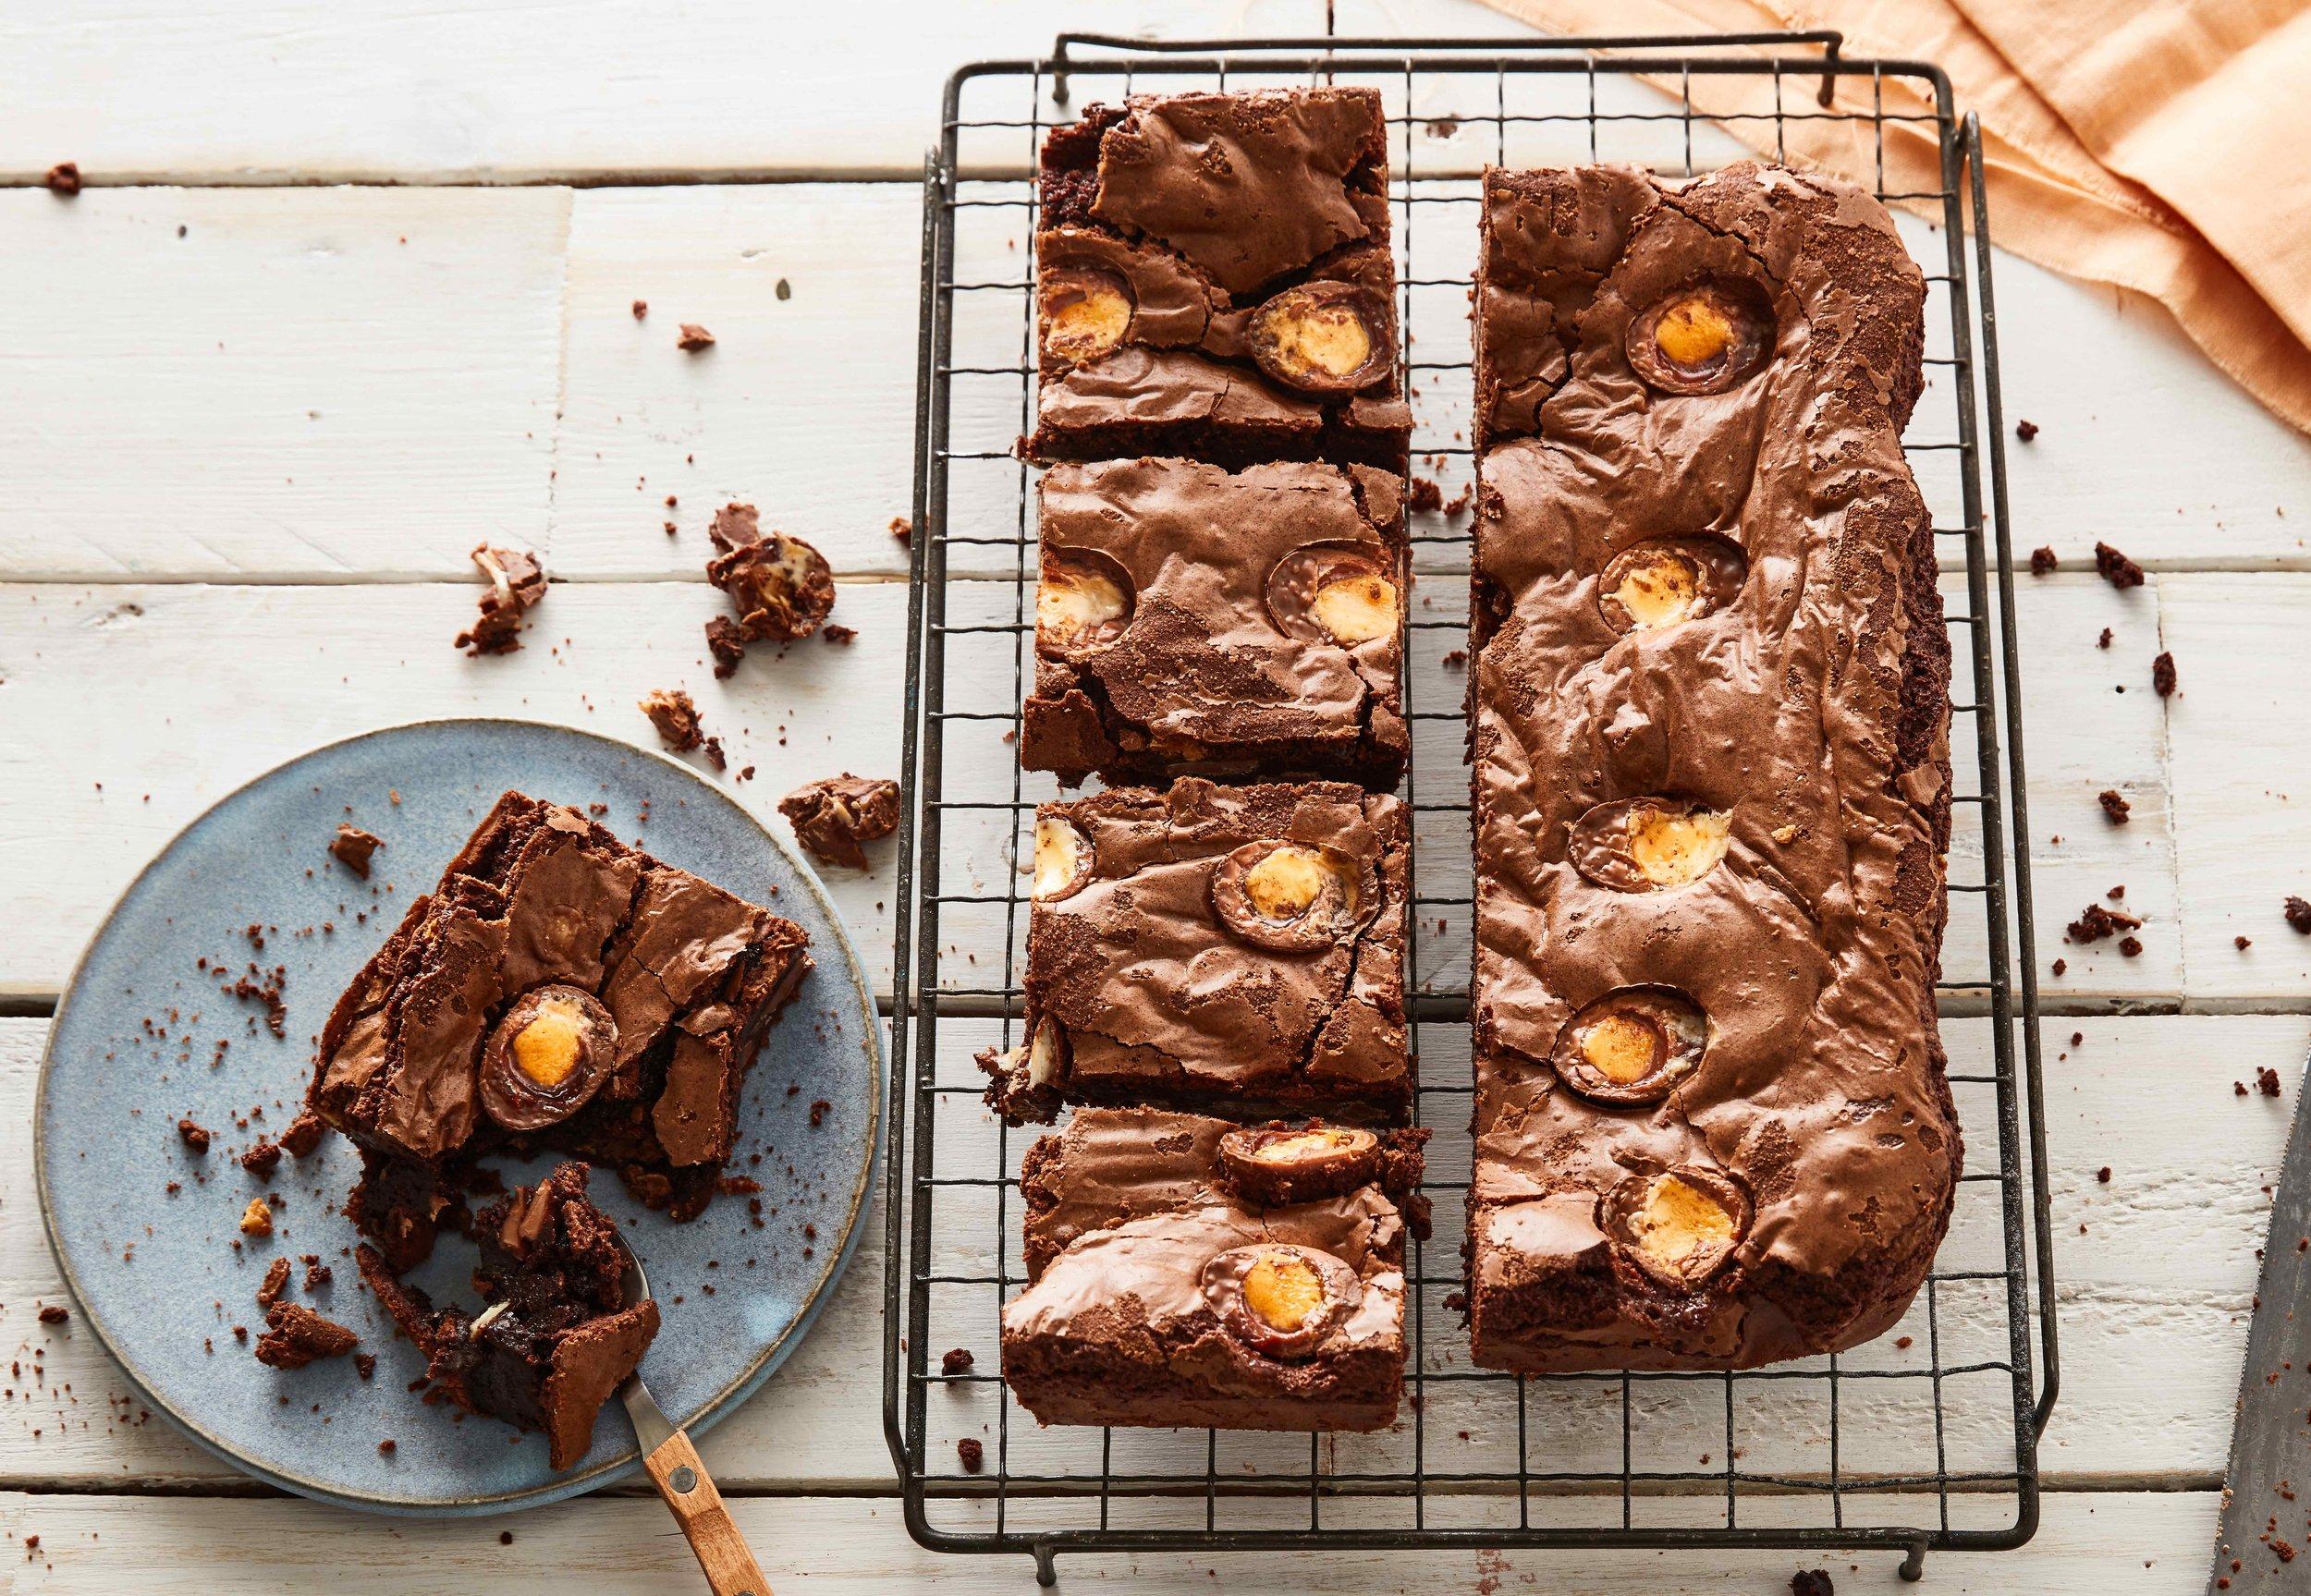 Iceland-_-Easter-Brownies-_-Lifestyle-(6).jpg